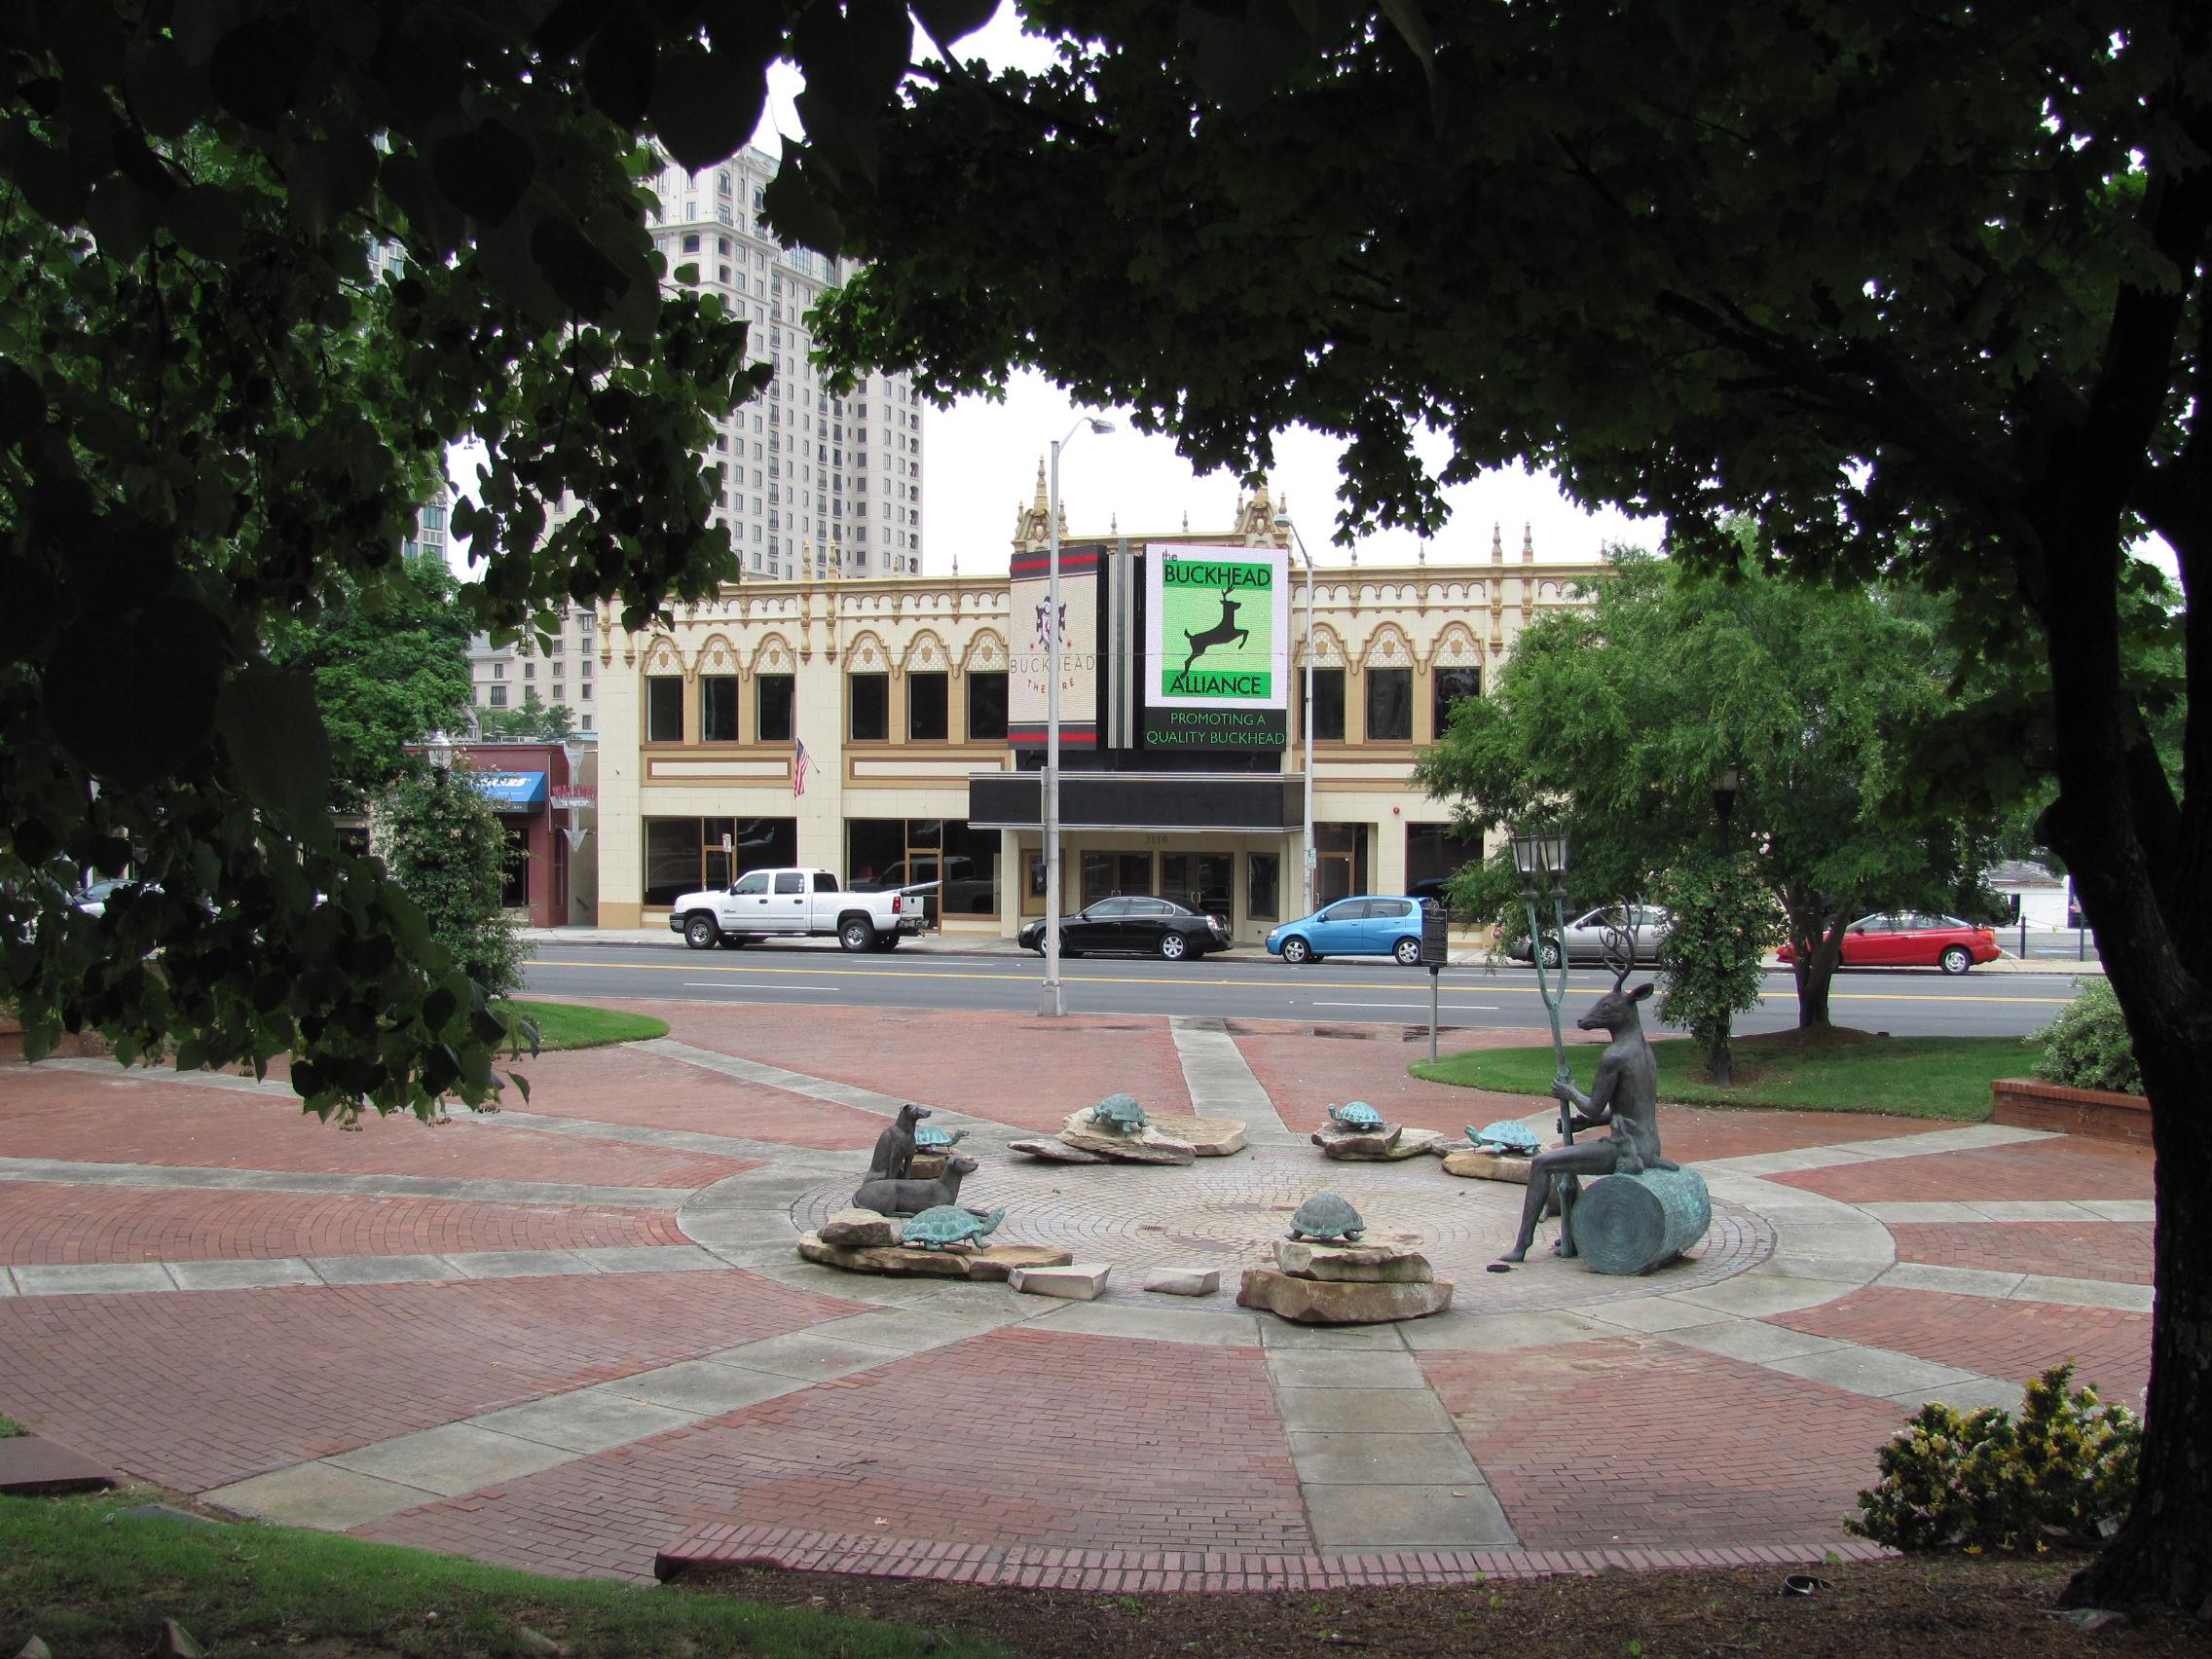 Restaurants On Peachtree St Near Shepherd Center Atlanta Ga